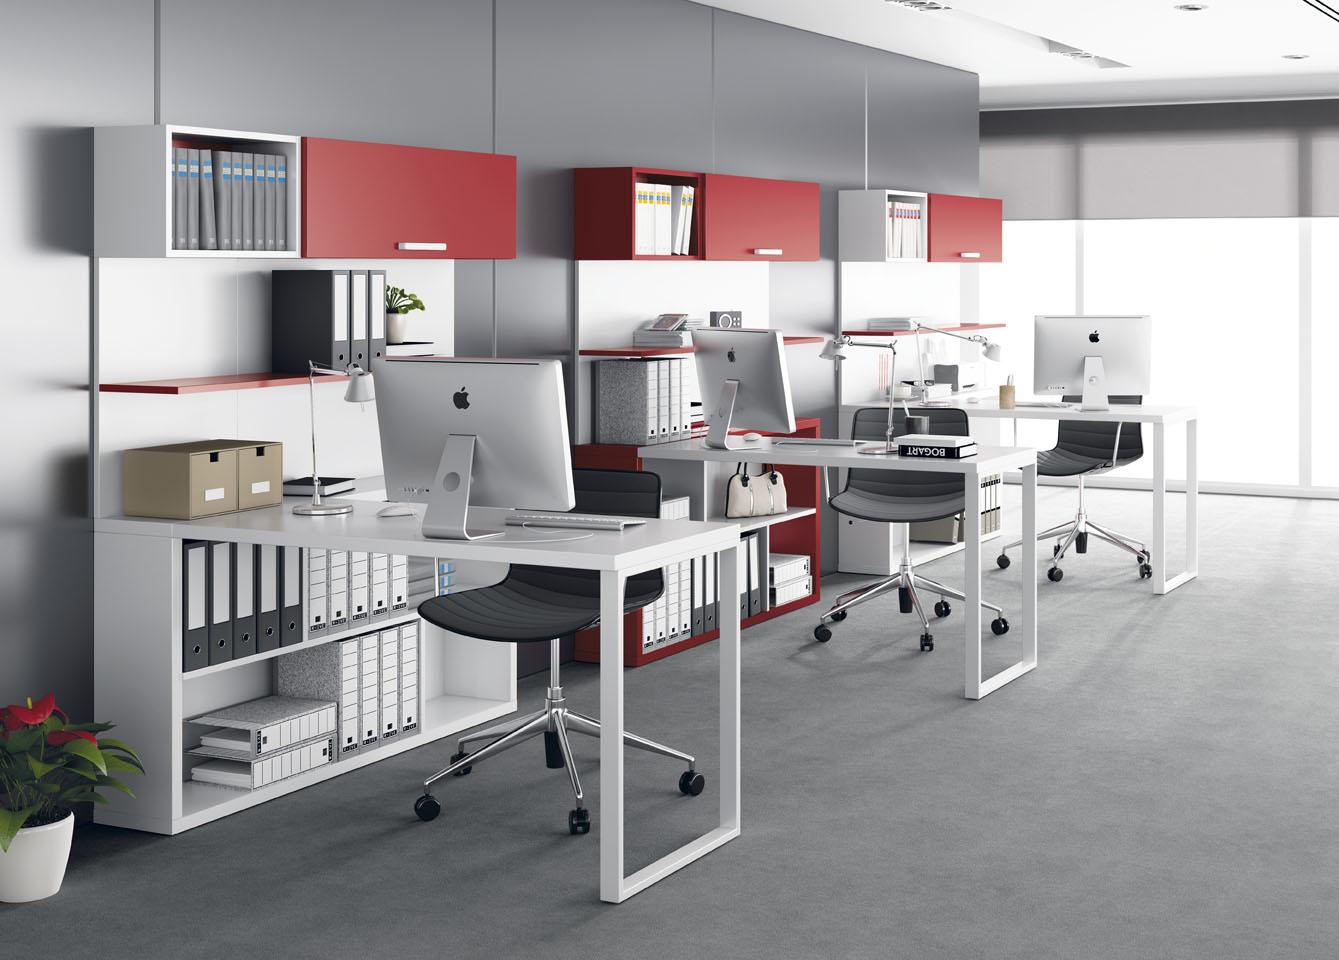 Muebles ros conoces las oficinas de ros for Computadoras para oficina